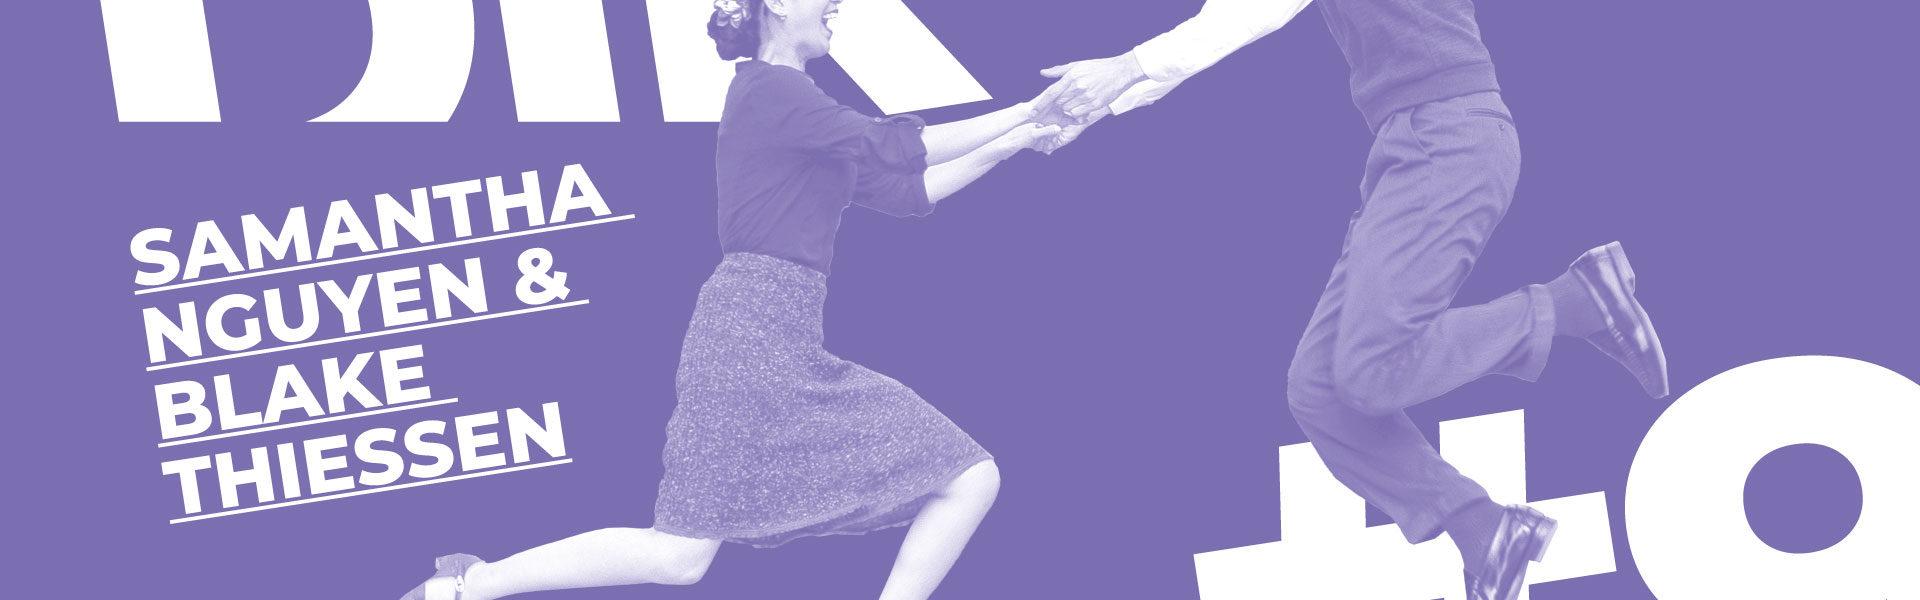 Samantha Nguyen & Blake Thiesen dancing